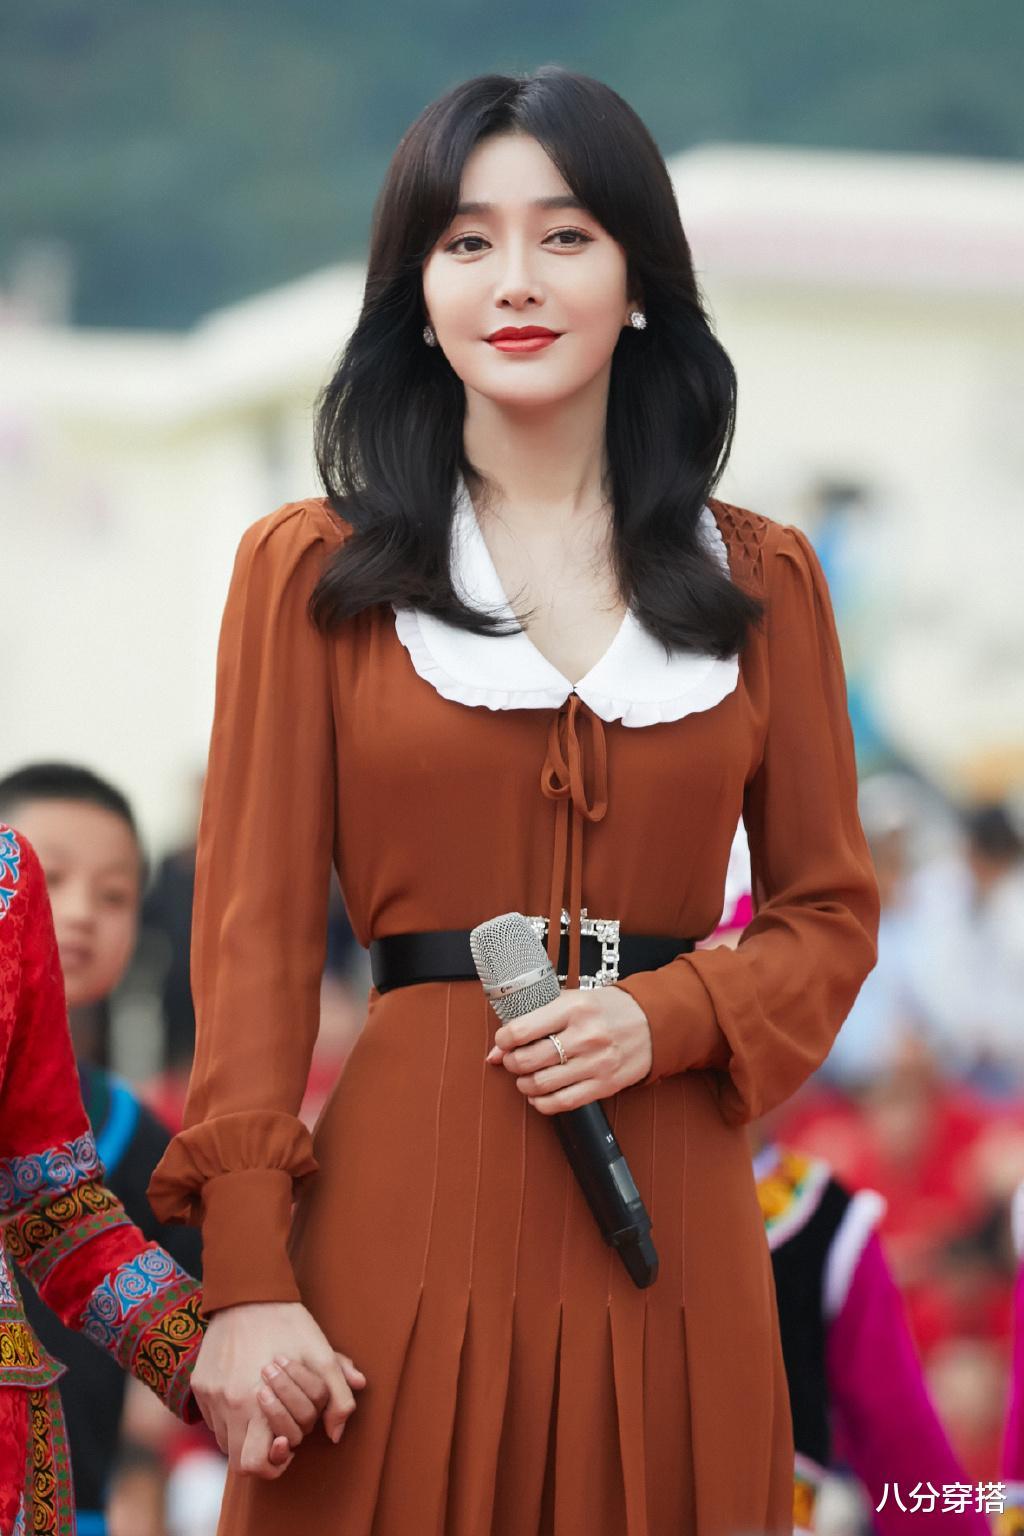 秦嵐真是溫柔到骨子裡瞭,一襲棕色連衣裙優雅高貴,精致浪漫-圖2